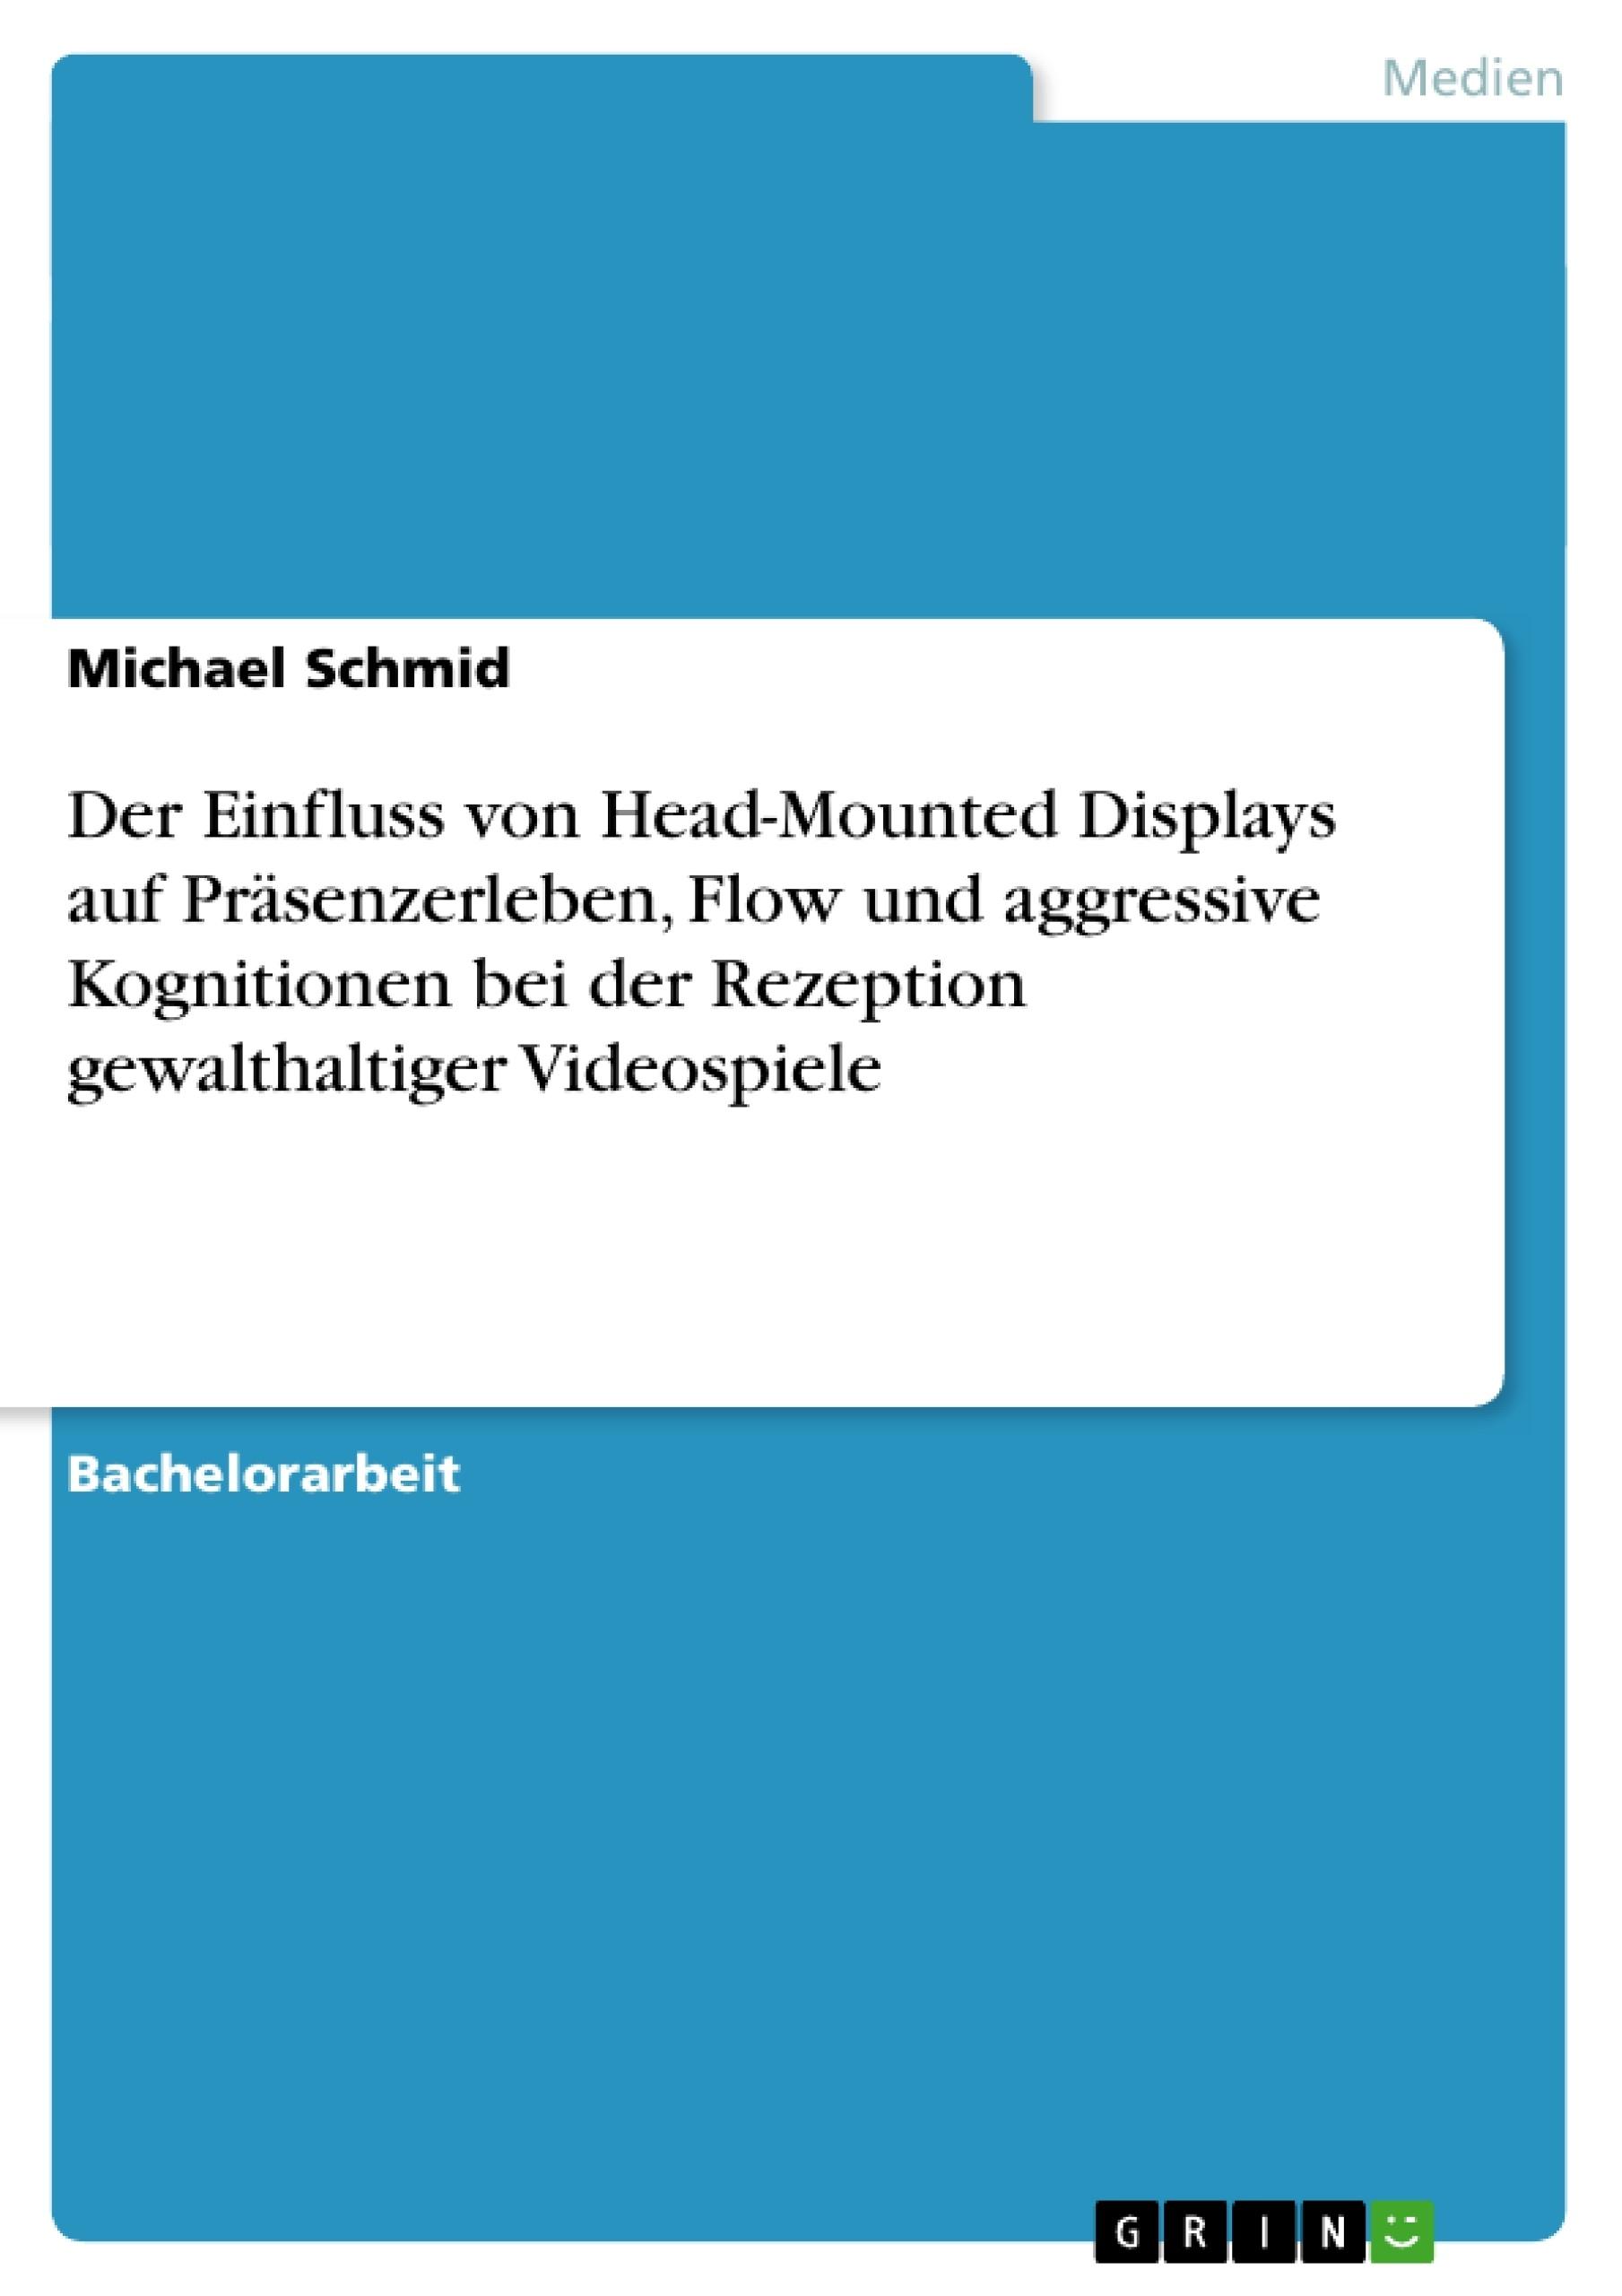 Titel: Der Einfluss von Head-Mounted Displays auf Präsenzerleben, Flow und aggressive Kognitionen bei der Rezeption gewalthaltiger Videospiele